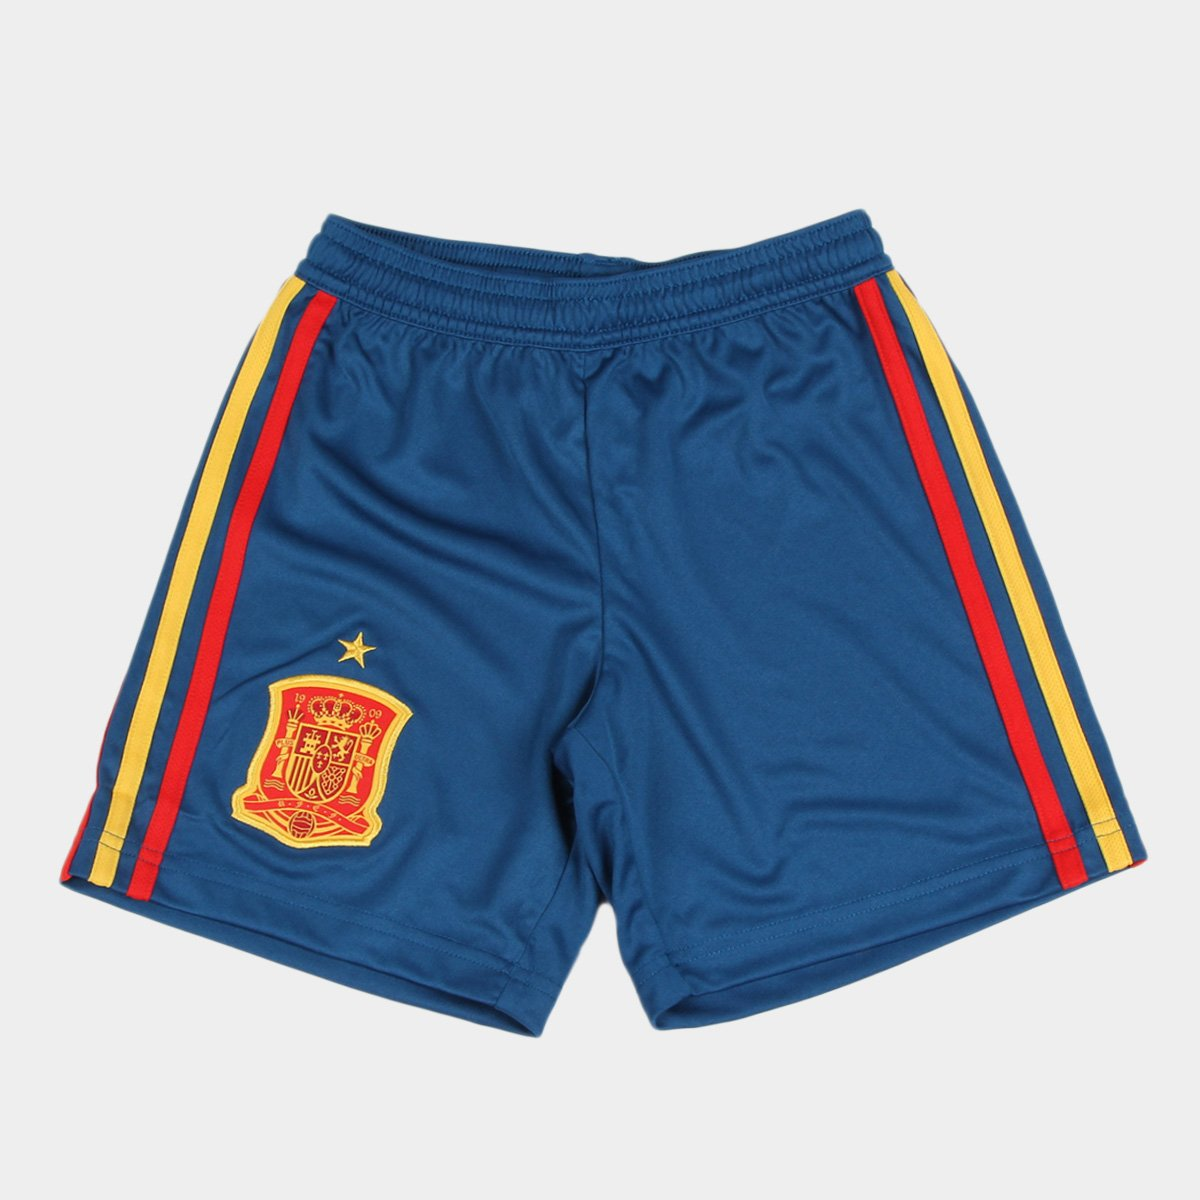 90caa7c36f2d1 Calção Adidas Espanha Infantil - Compre Agora